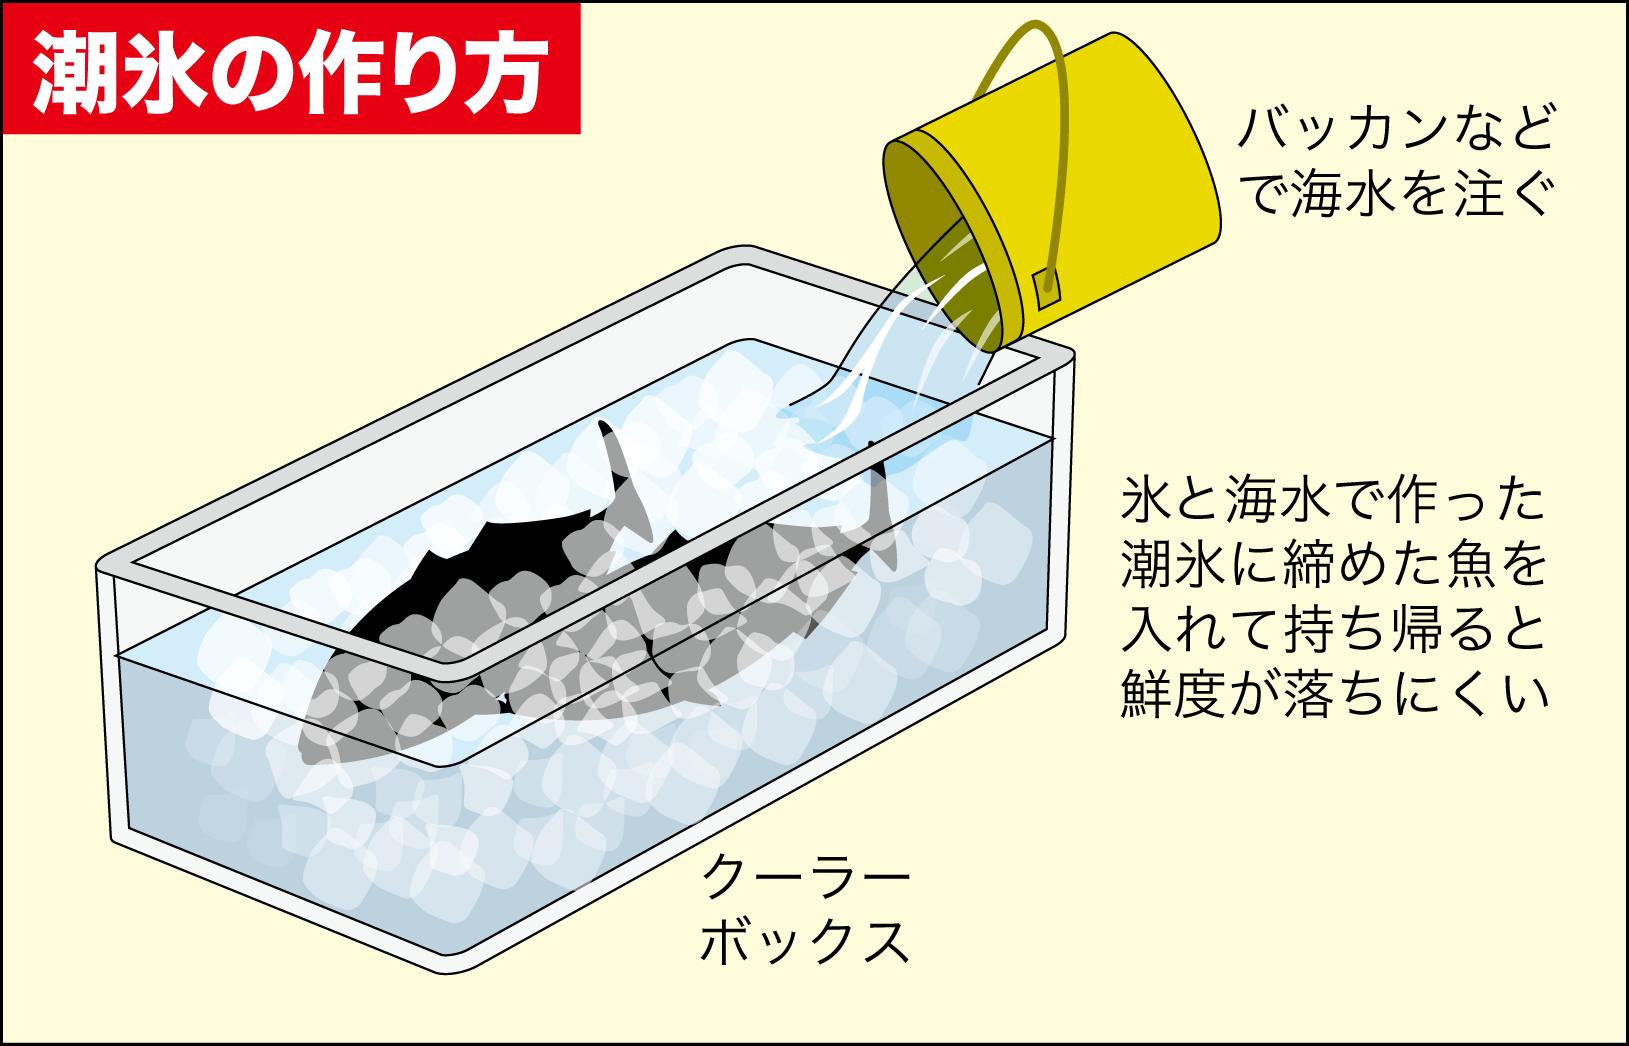 大サバソウダガツオサビキ10